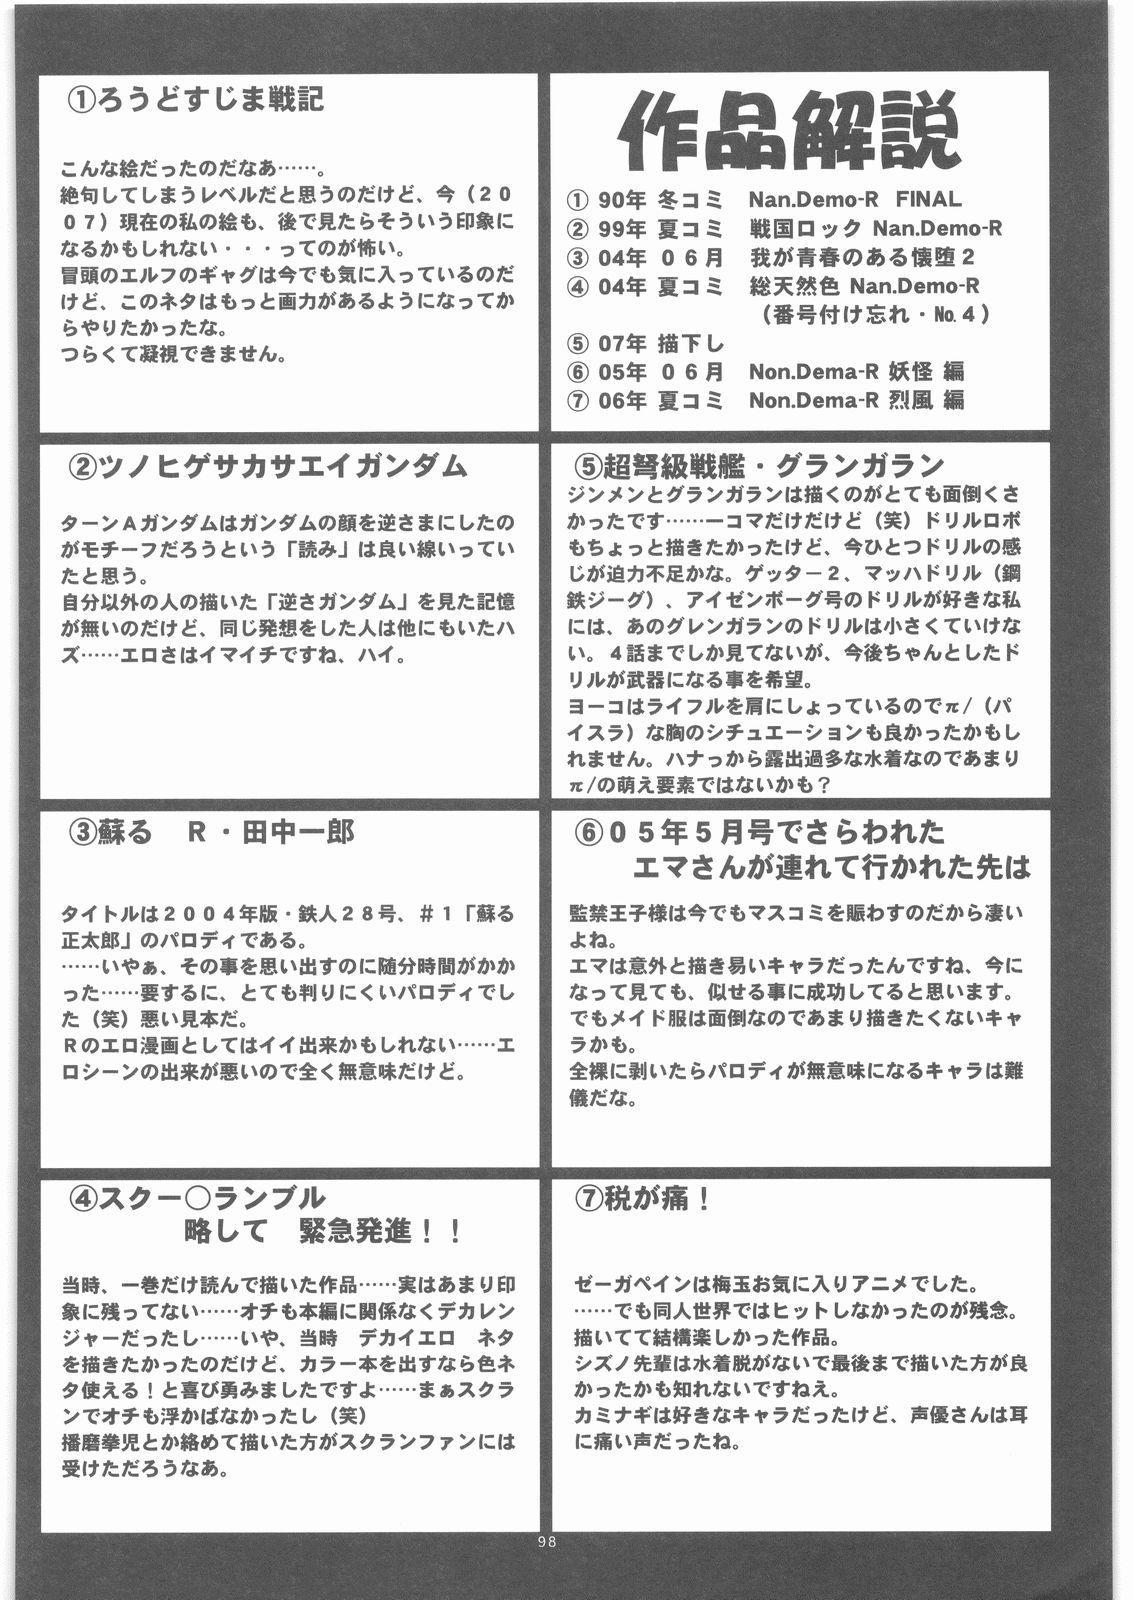 Umedamangashuu 12 Shito 96